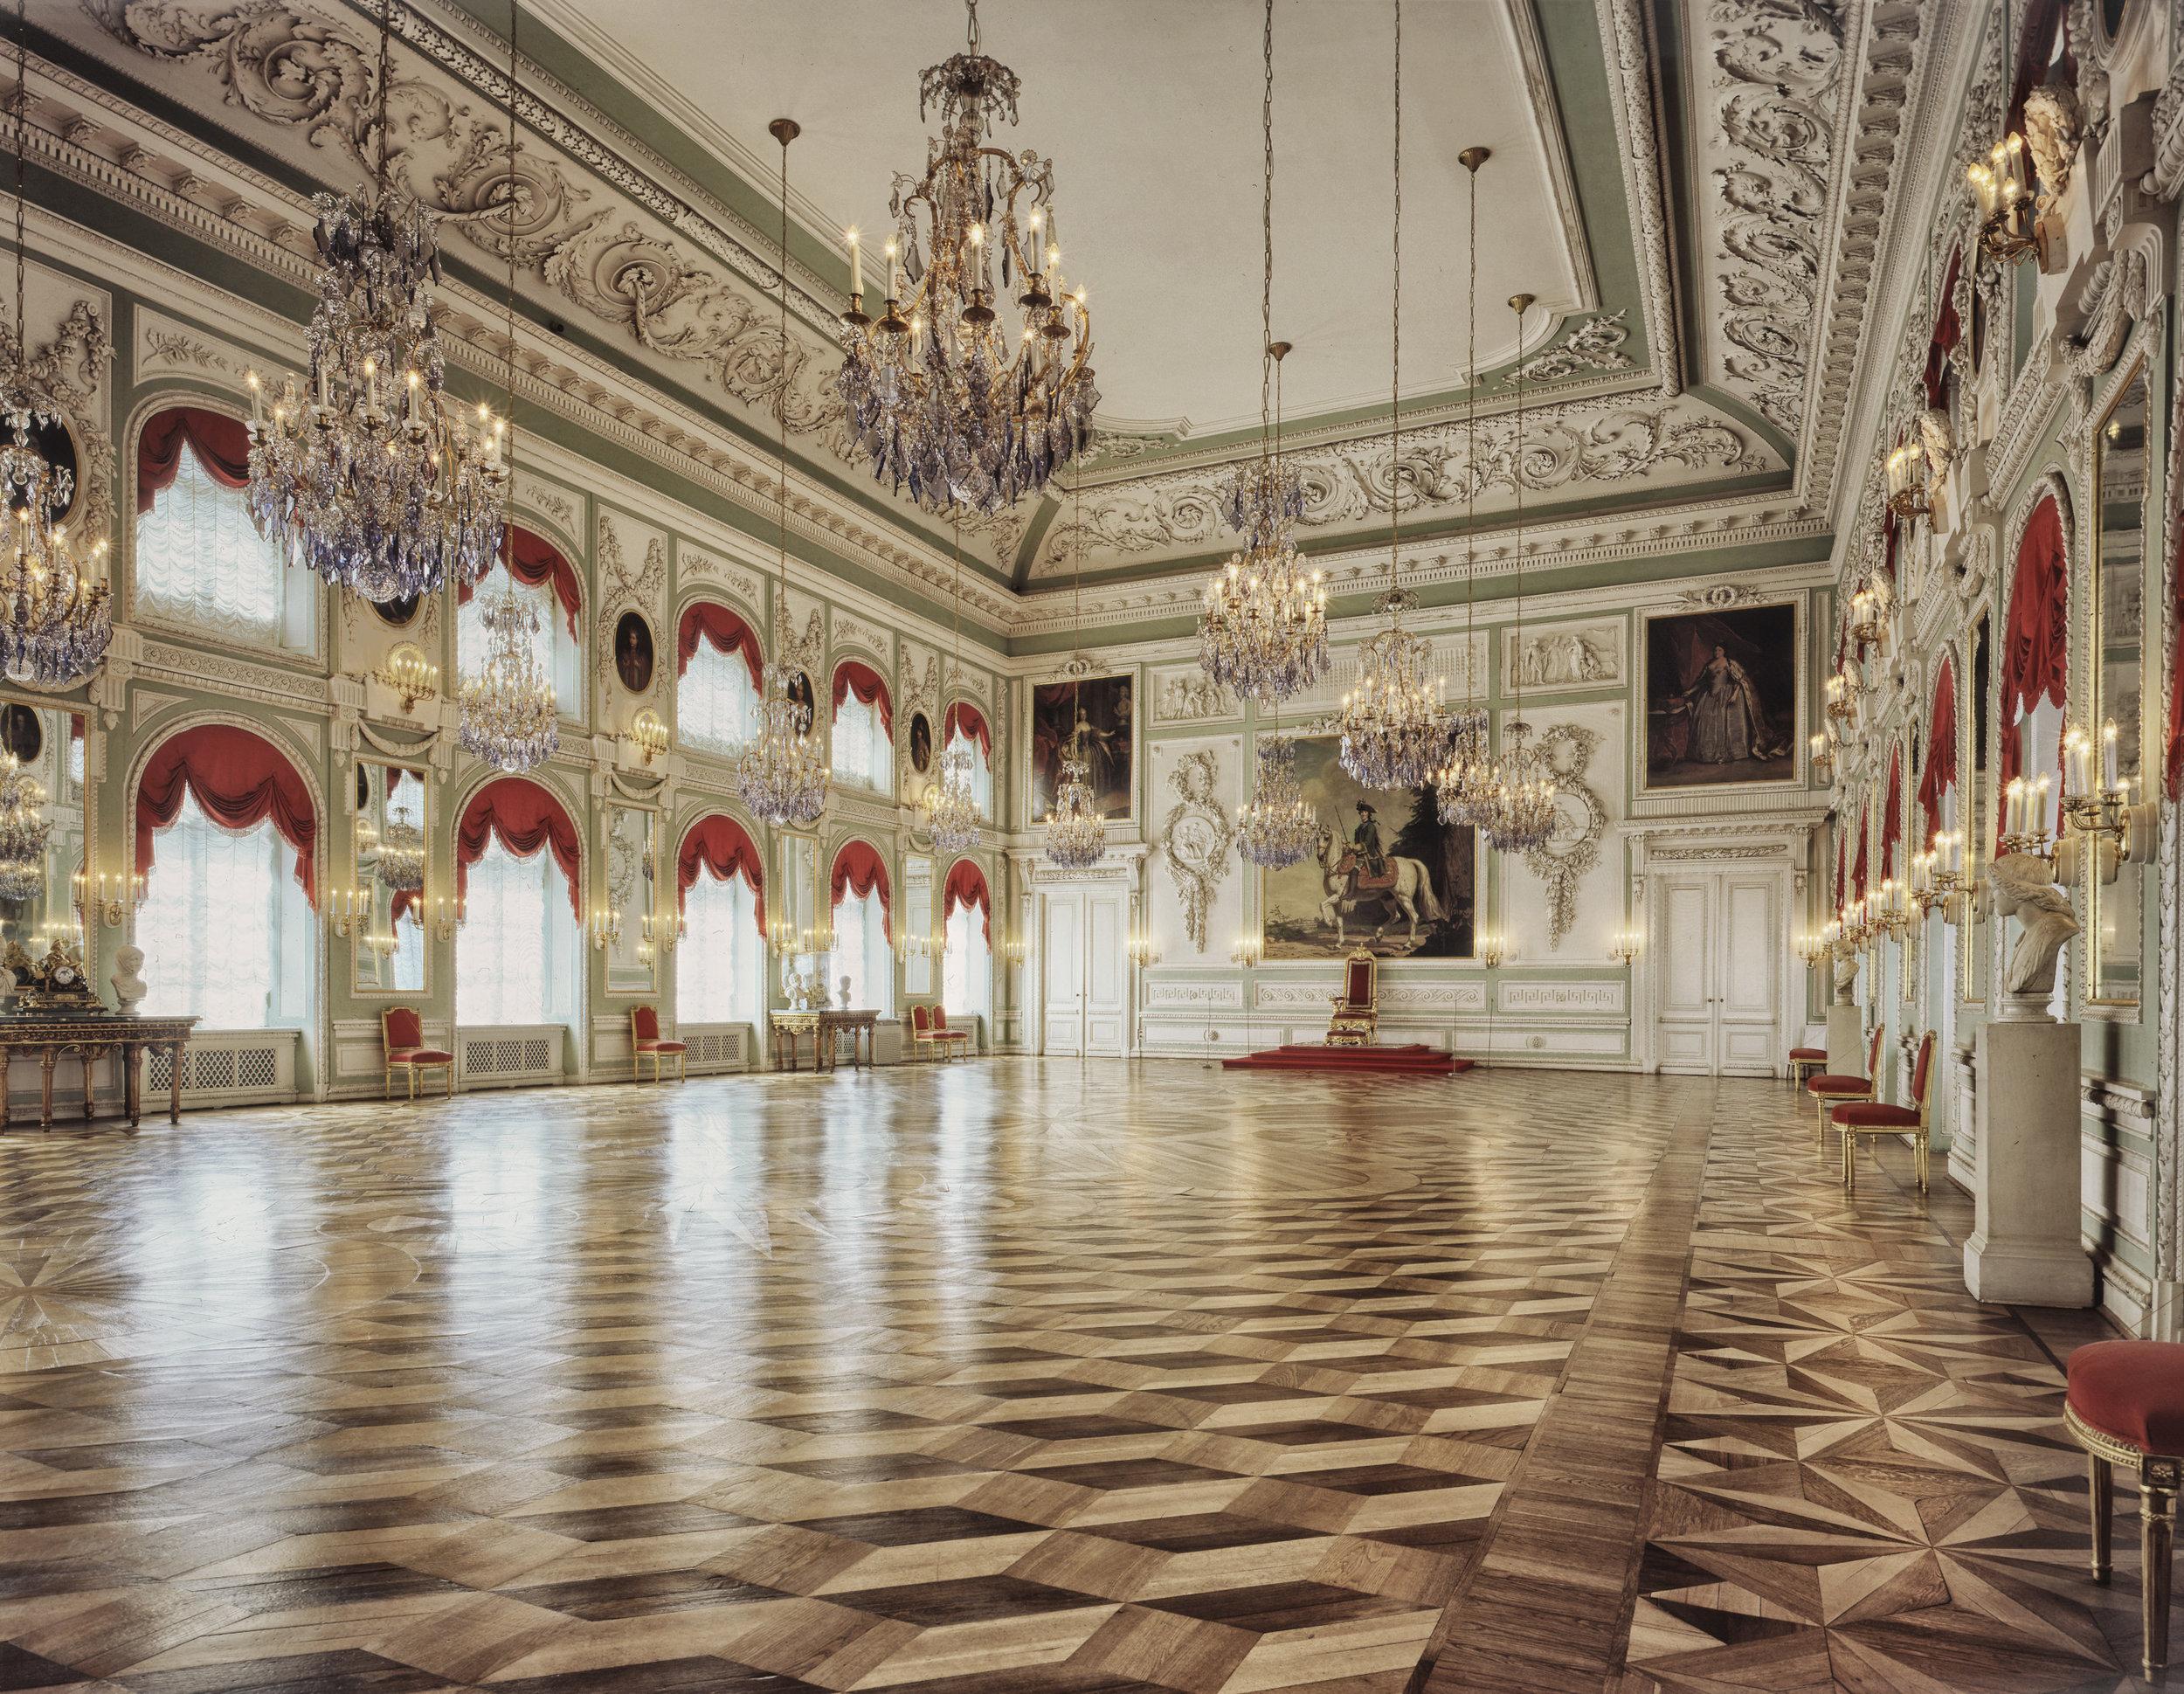 Salle du Trone - Peterhof 2008